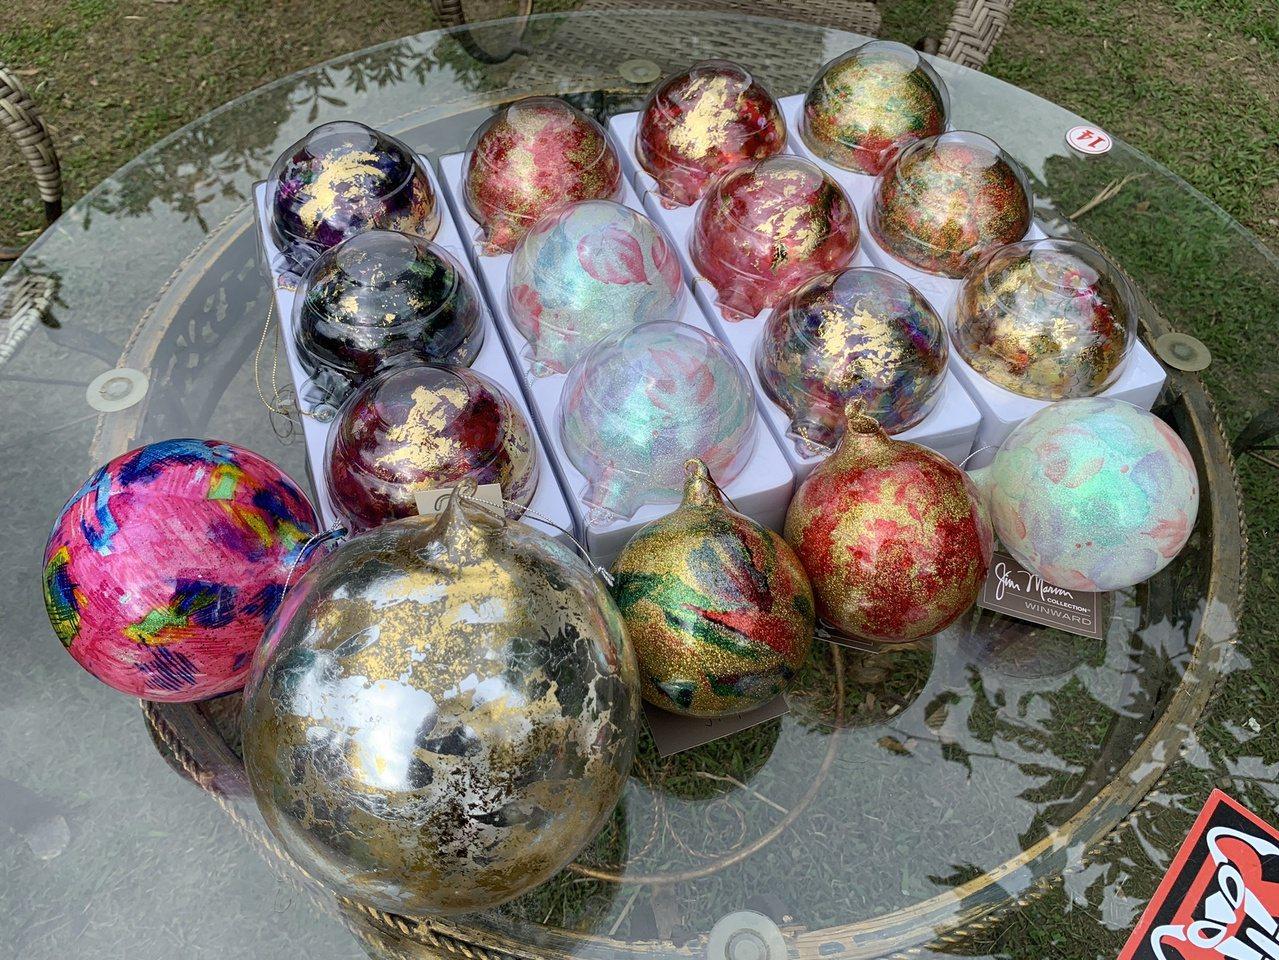 謝文增現在唯一還有外銷的玻璃產品是聖誕吊飾。 圖/陳斯穎 攝影